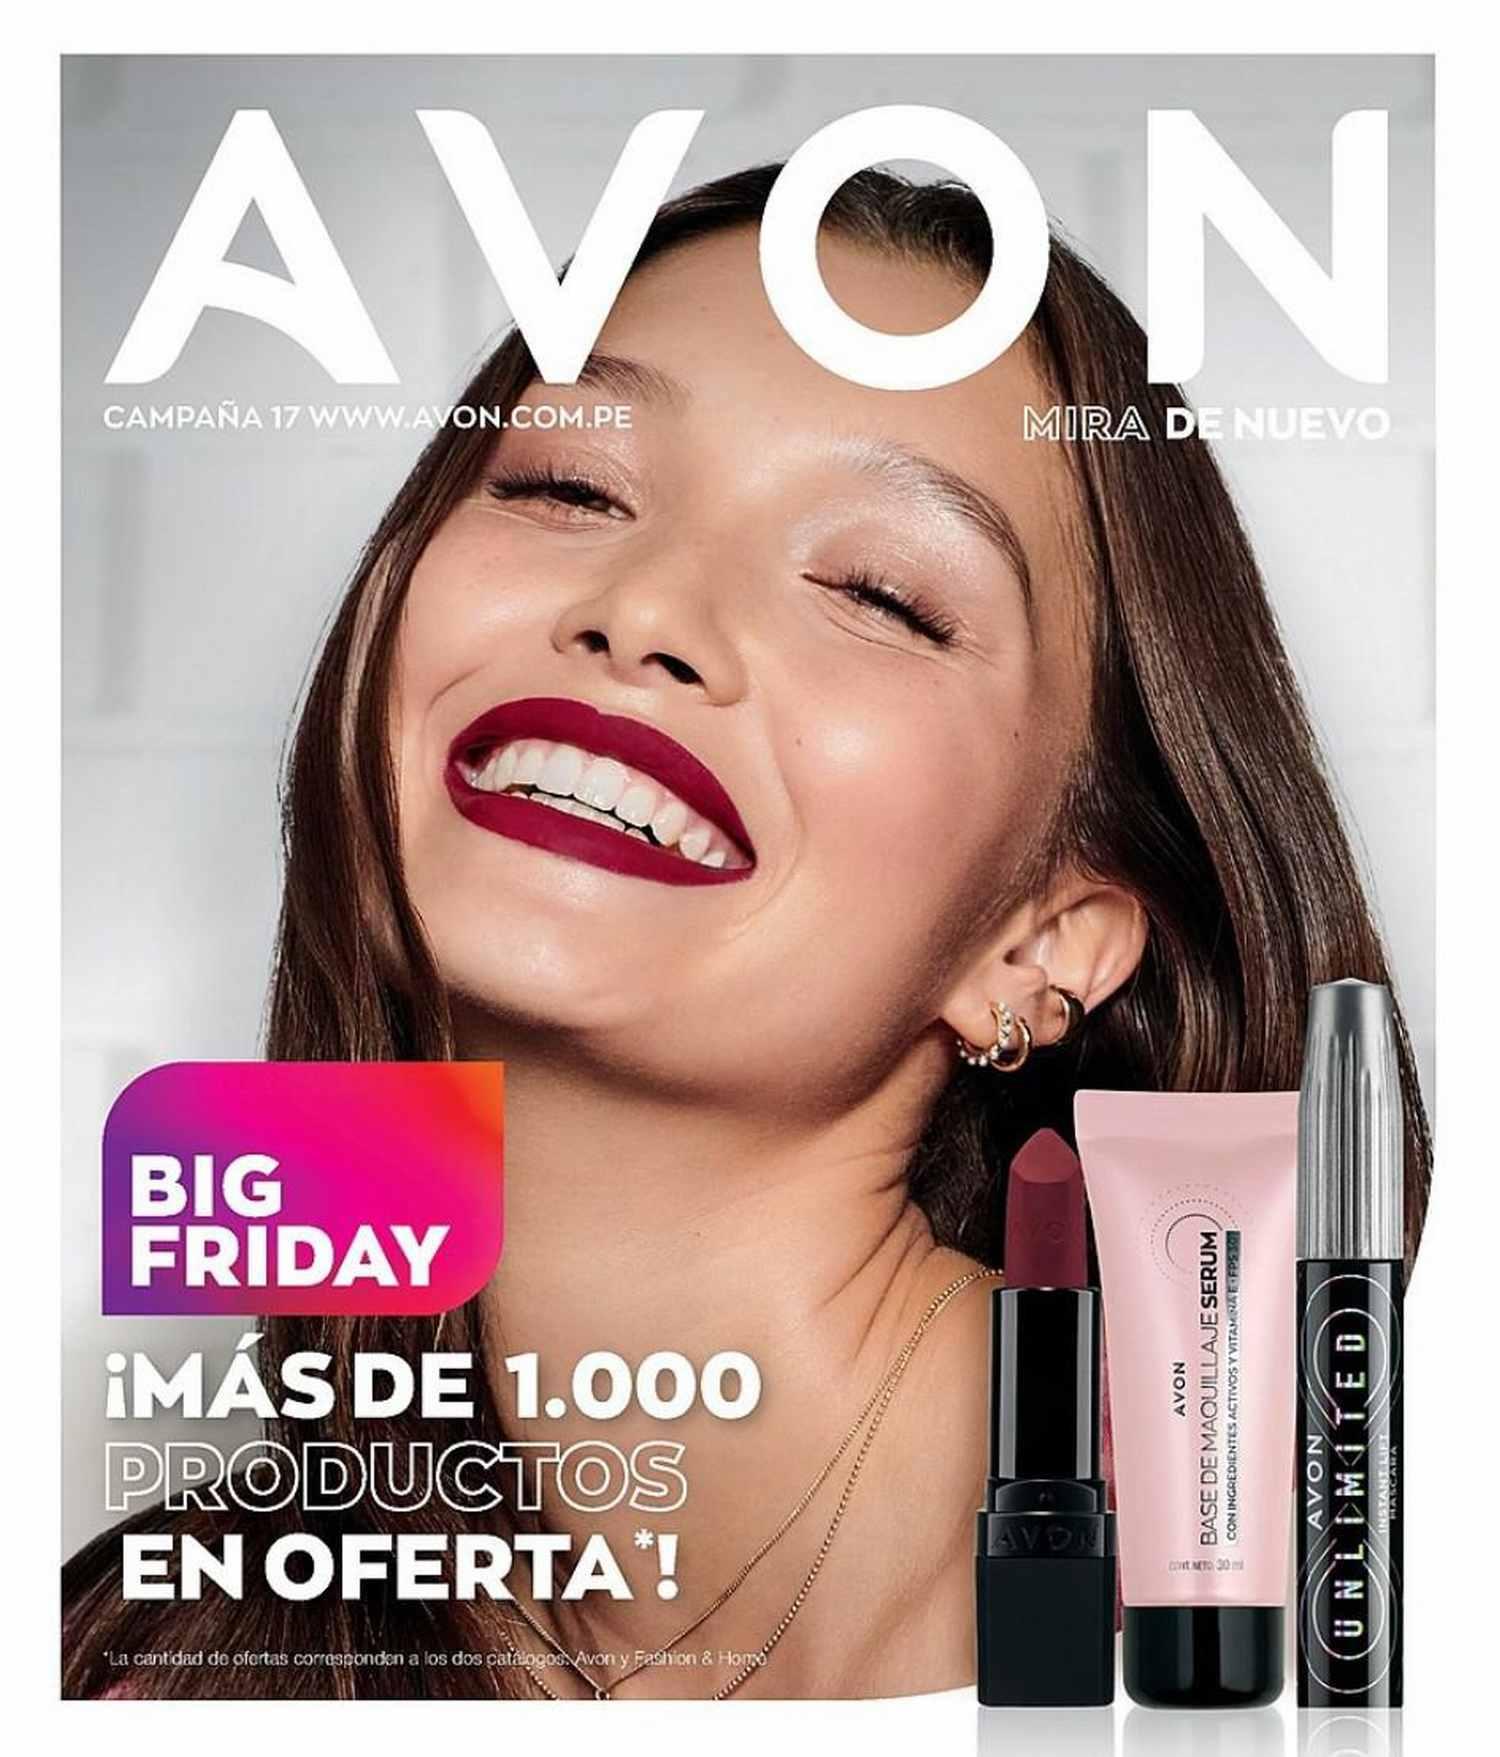 Catálogo Avon Campaña 17 2021 Perú